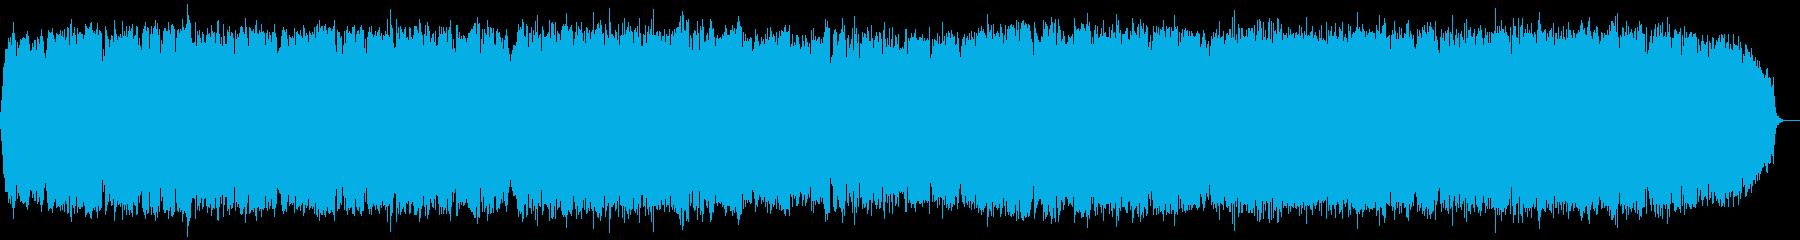 のどかな自然の竹笛のヒーリング音楽の再生済みの波形